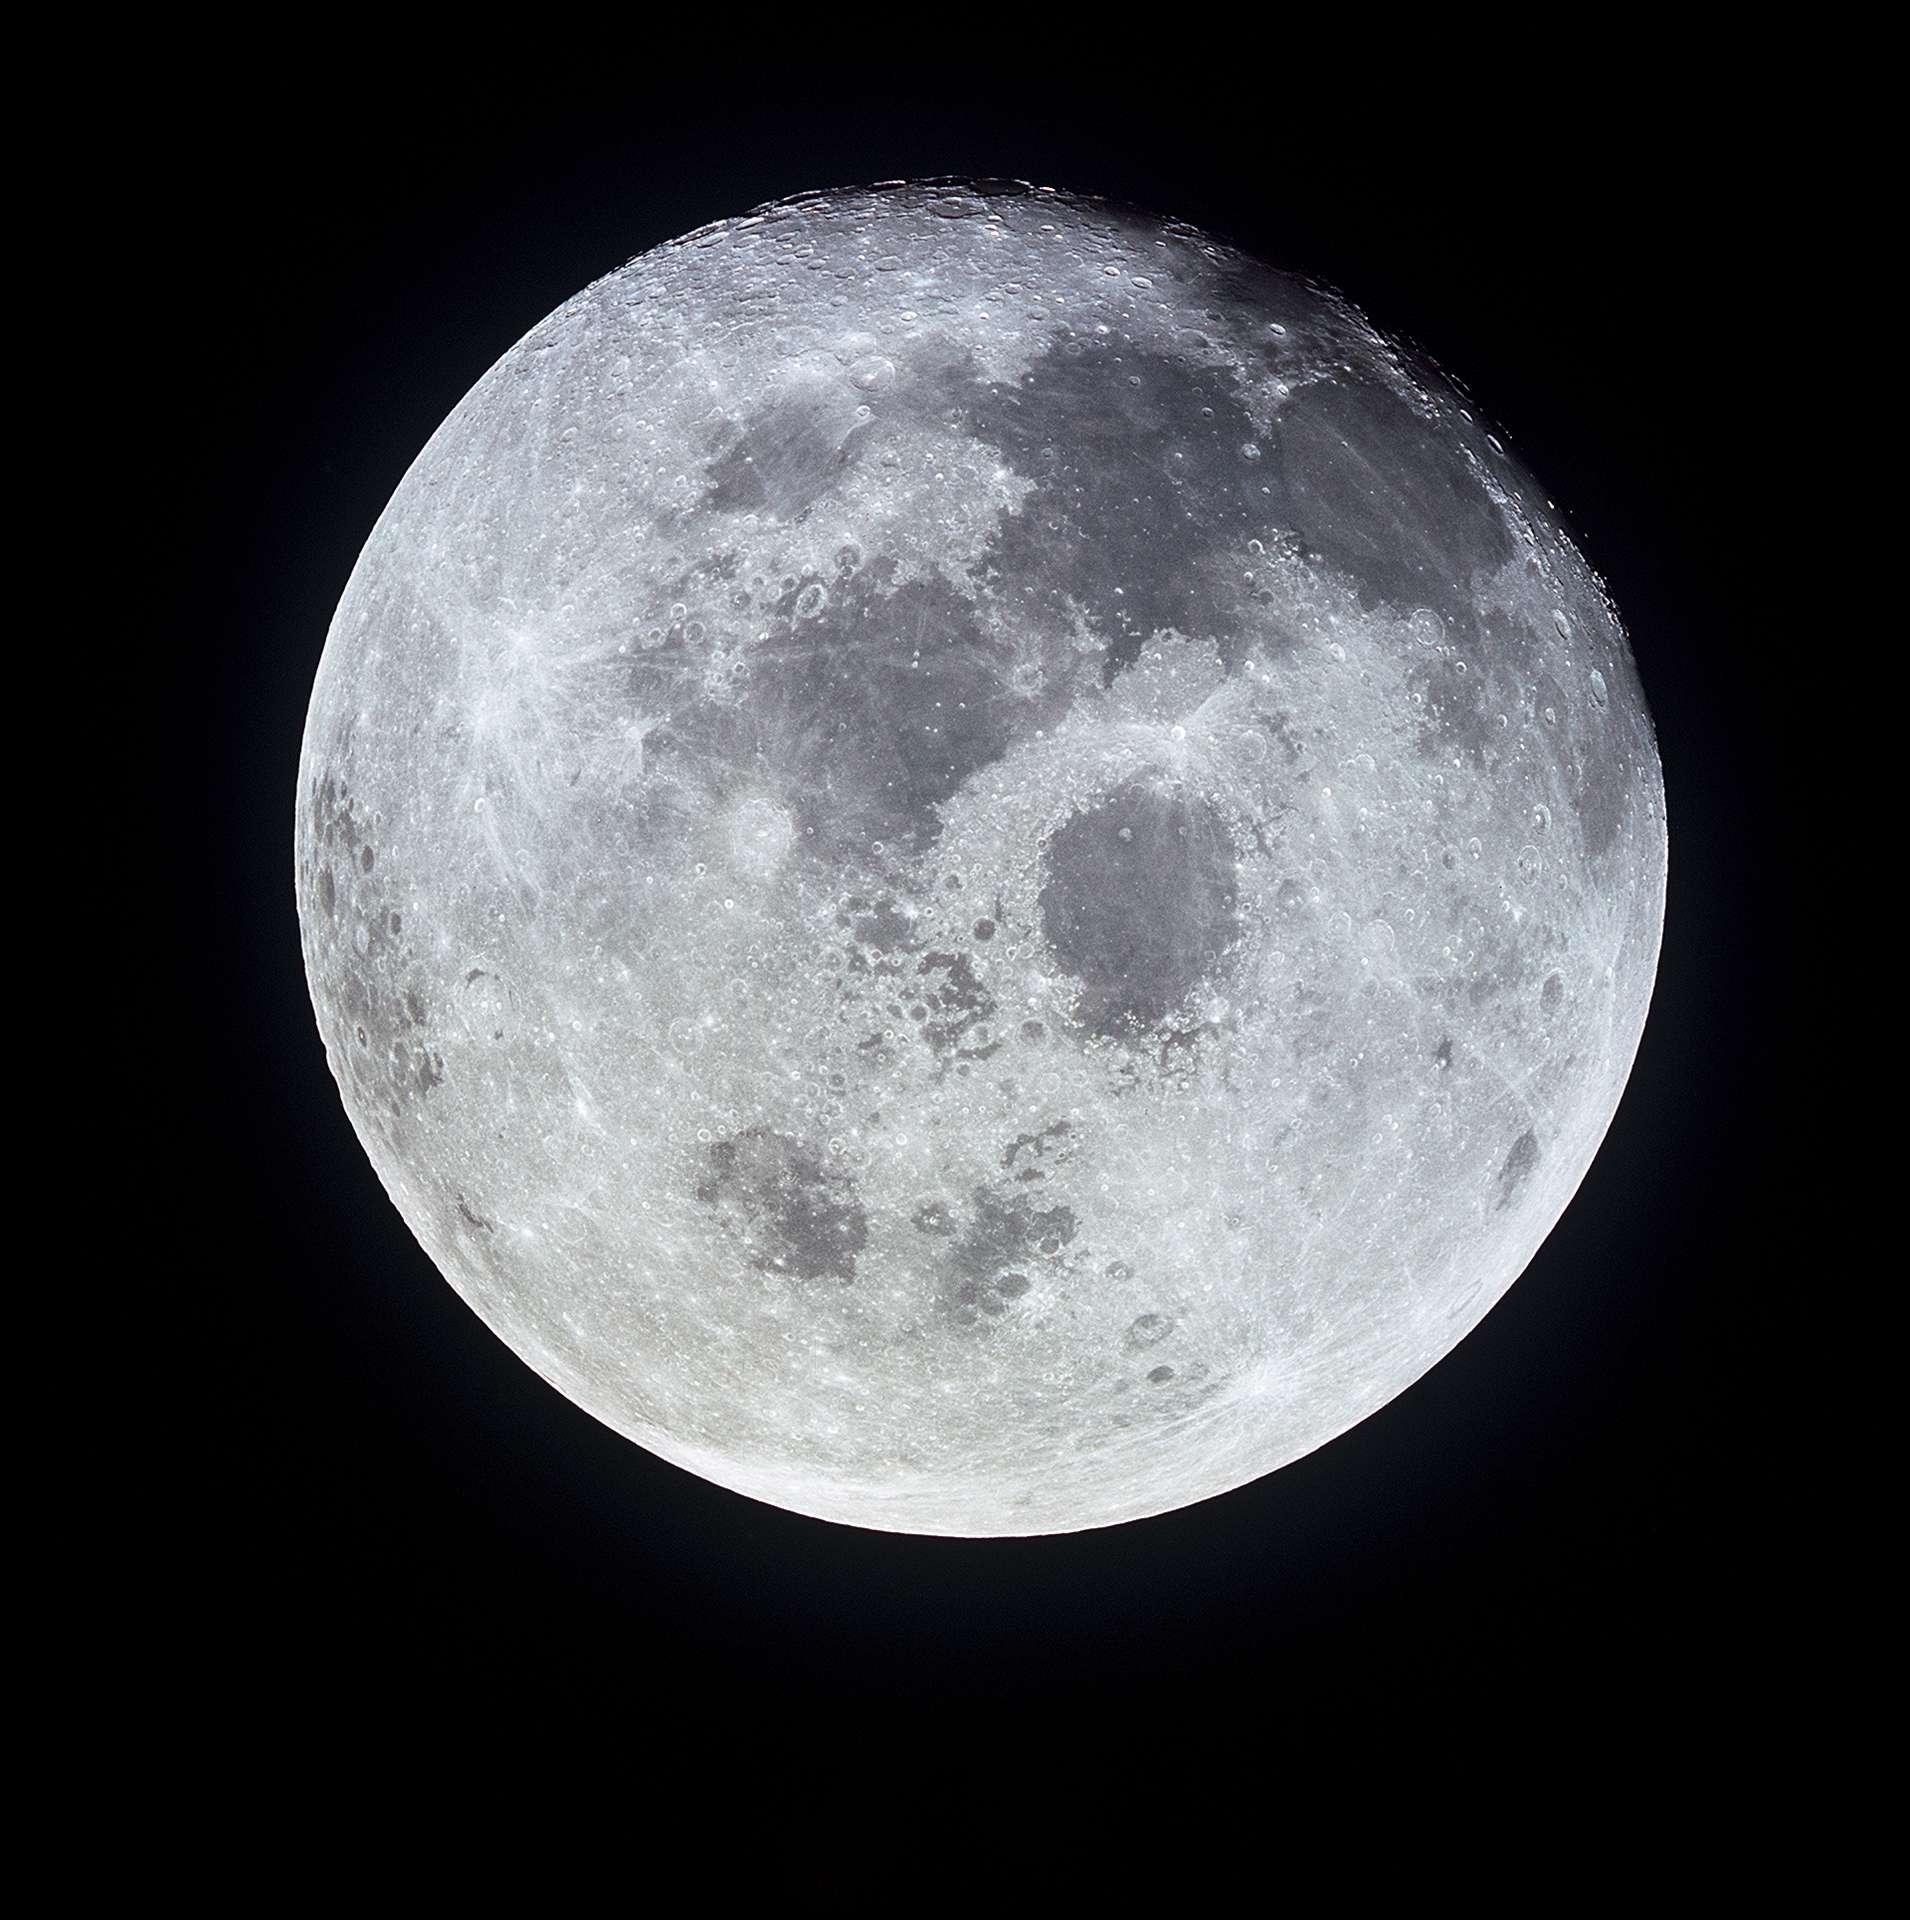 La ville chinoise de Chengdu envisage d'envoyer une seconde lune artificielle dans l'espace pour renforcer la lumière de la Lune afin de remplacer l'éclairage public. © Nasa